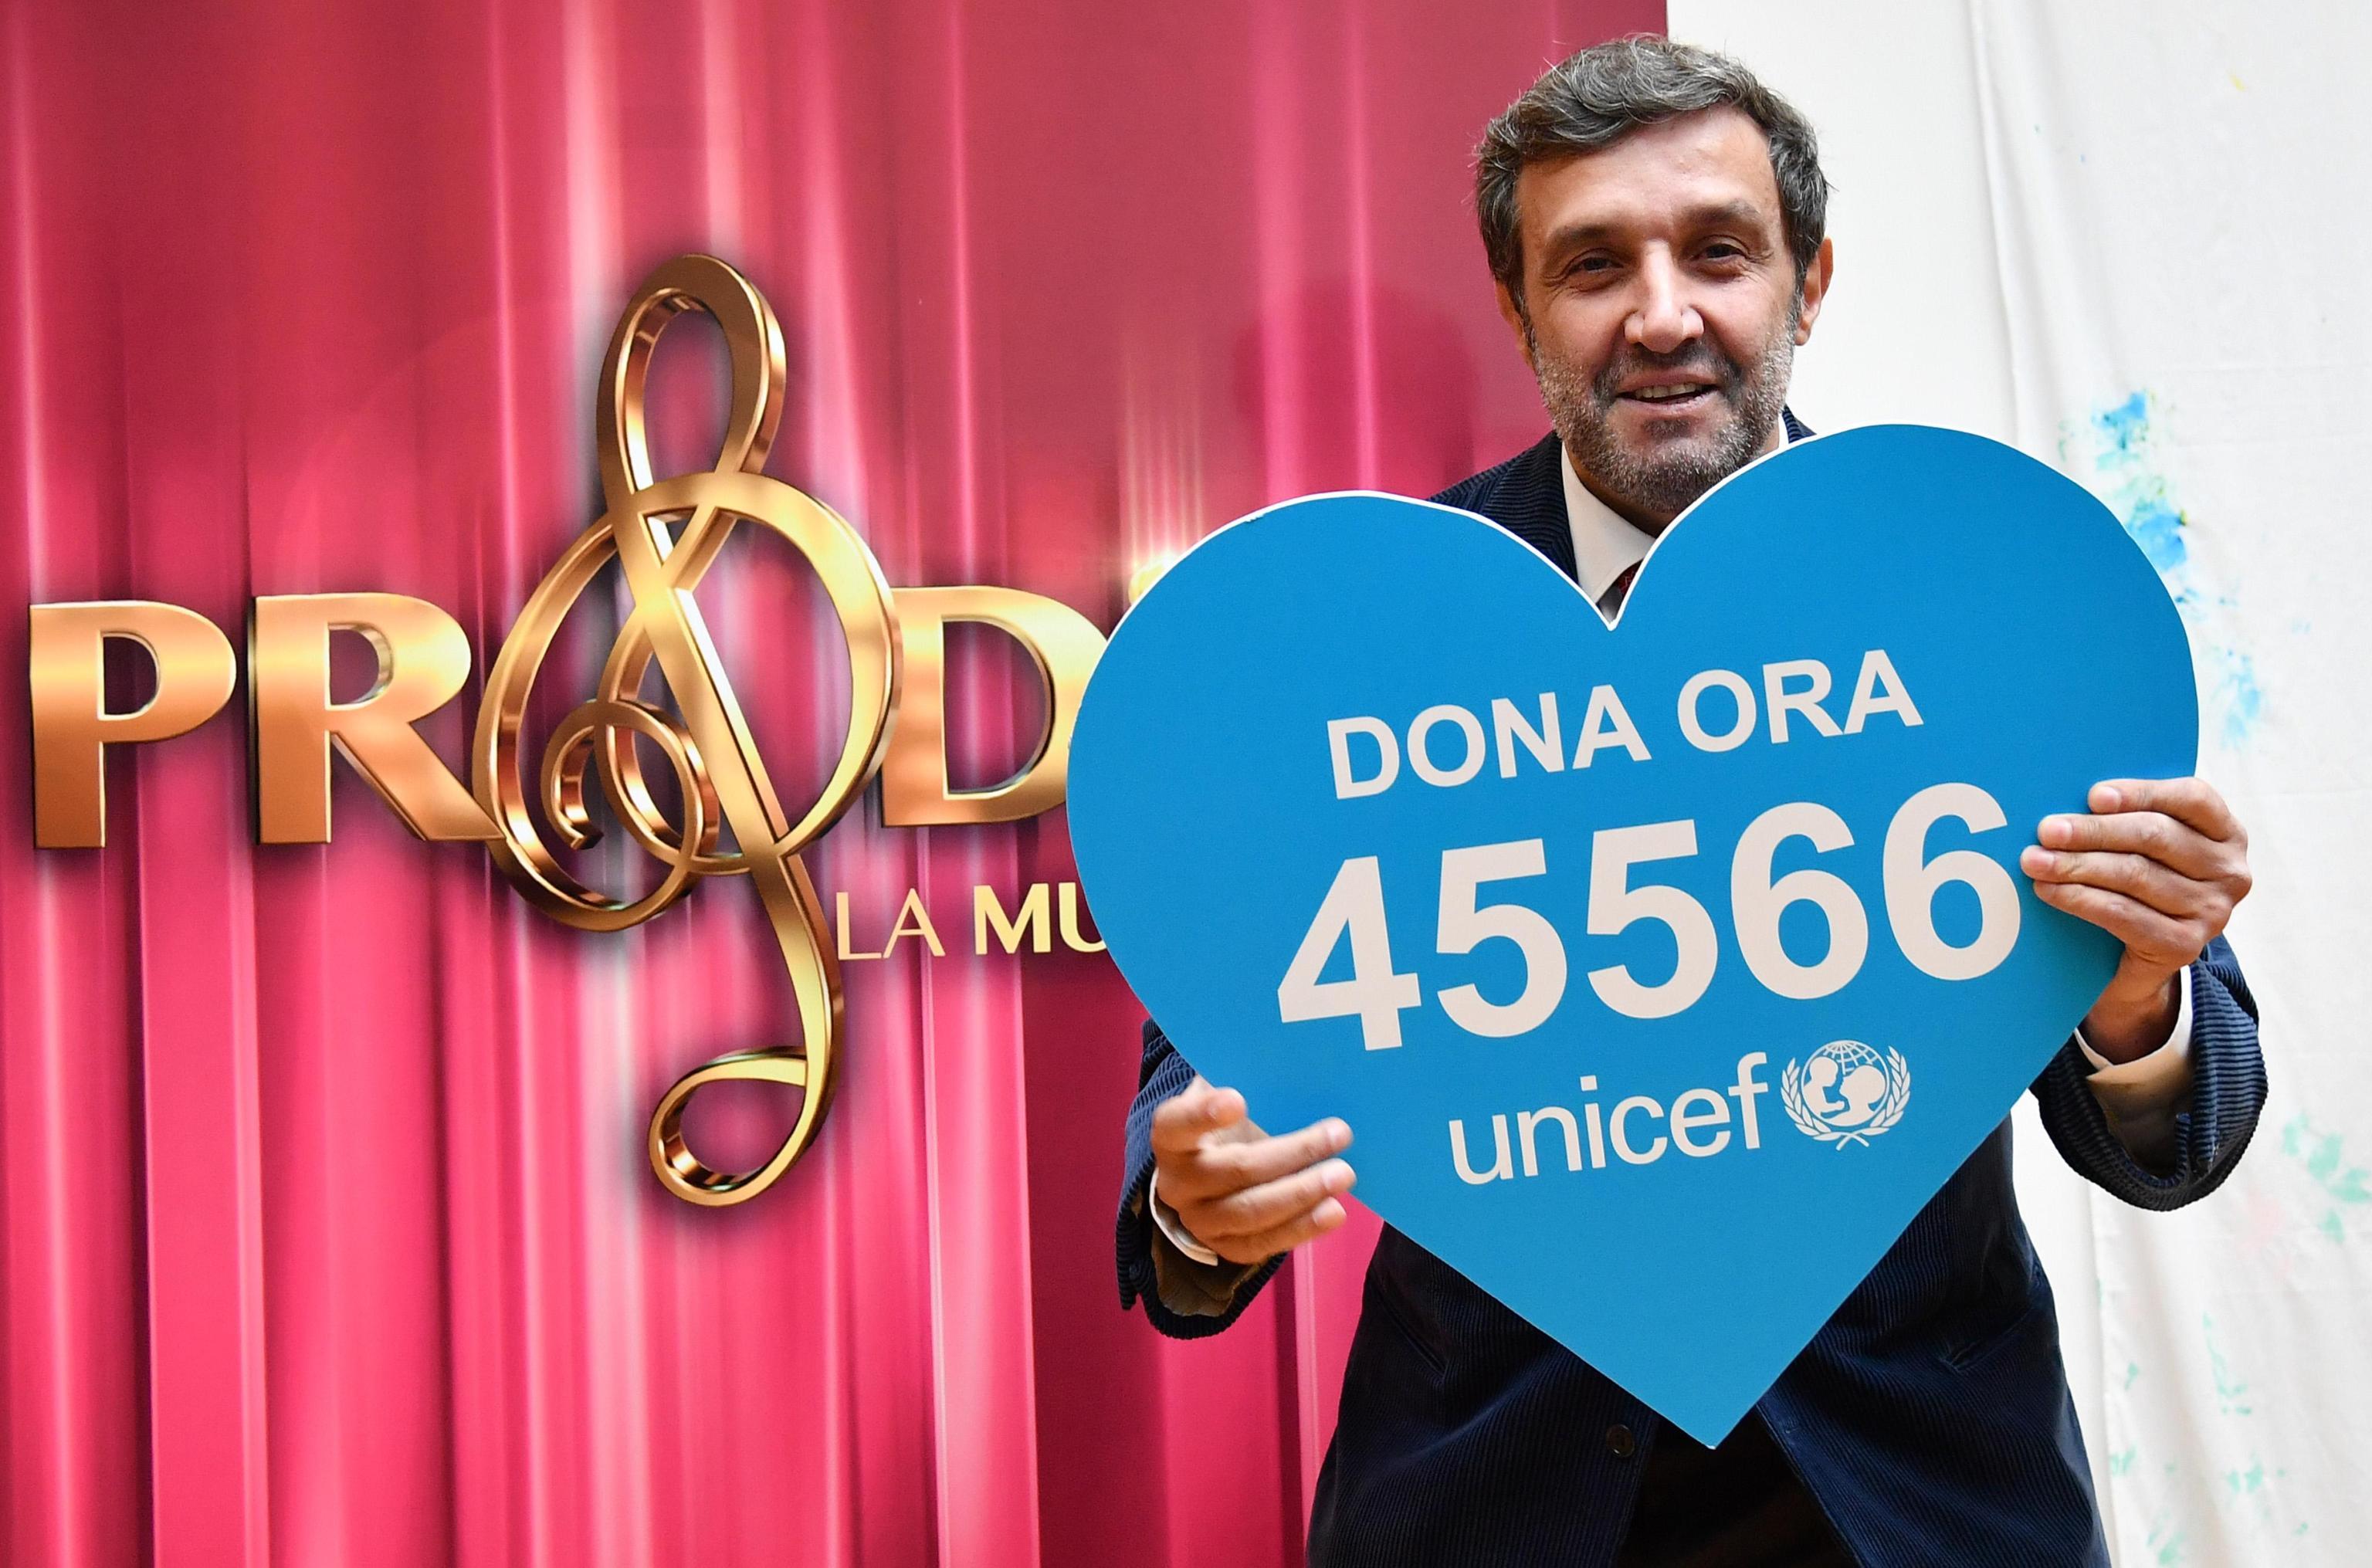 Flavio Insinna: 'Mai dato del pezzente al giornalista: donate all'Unicef!'